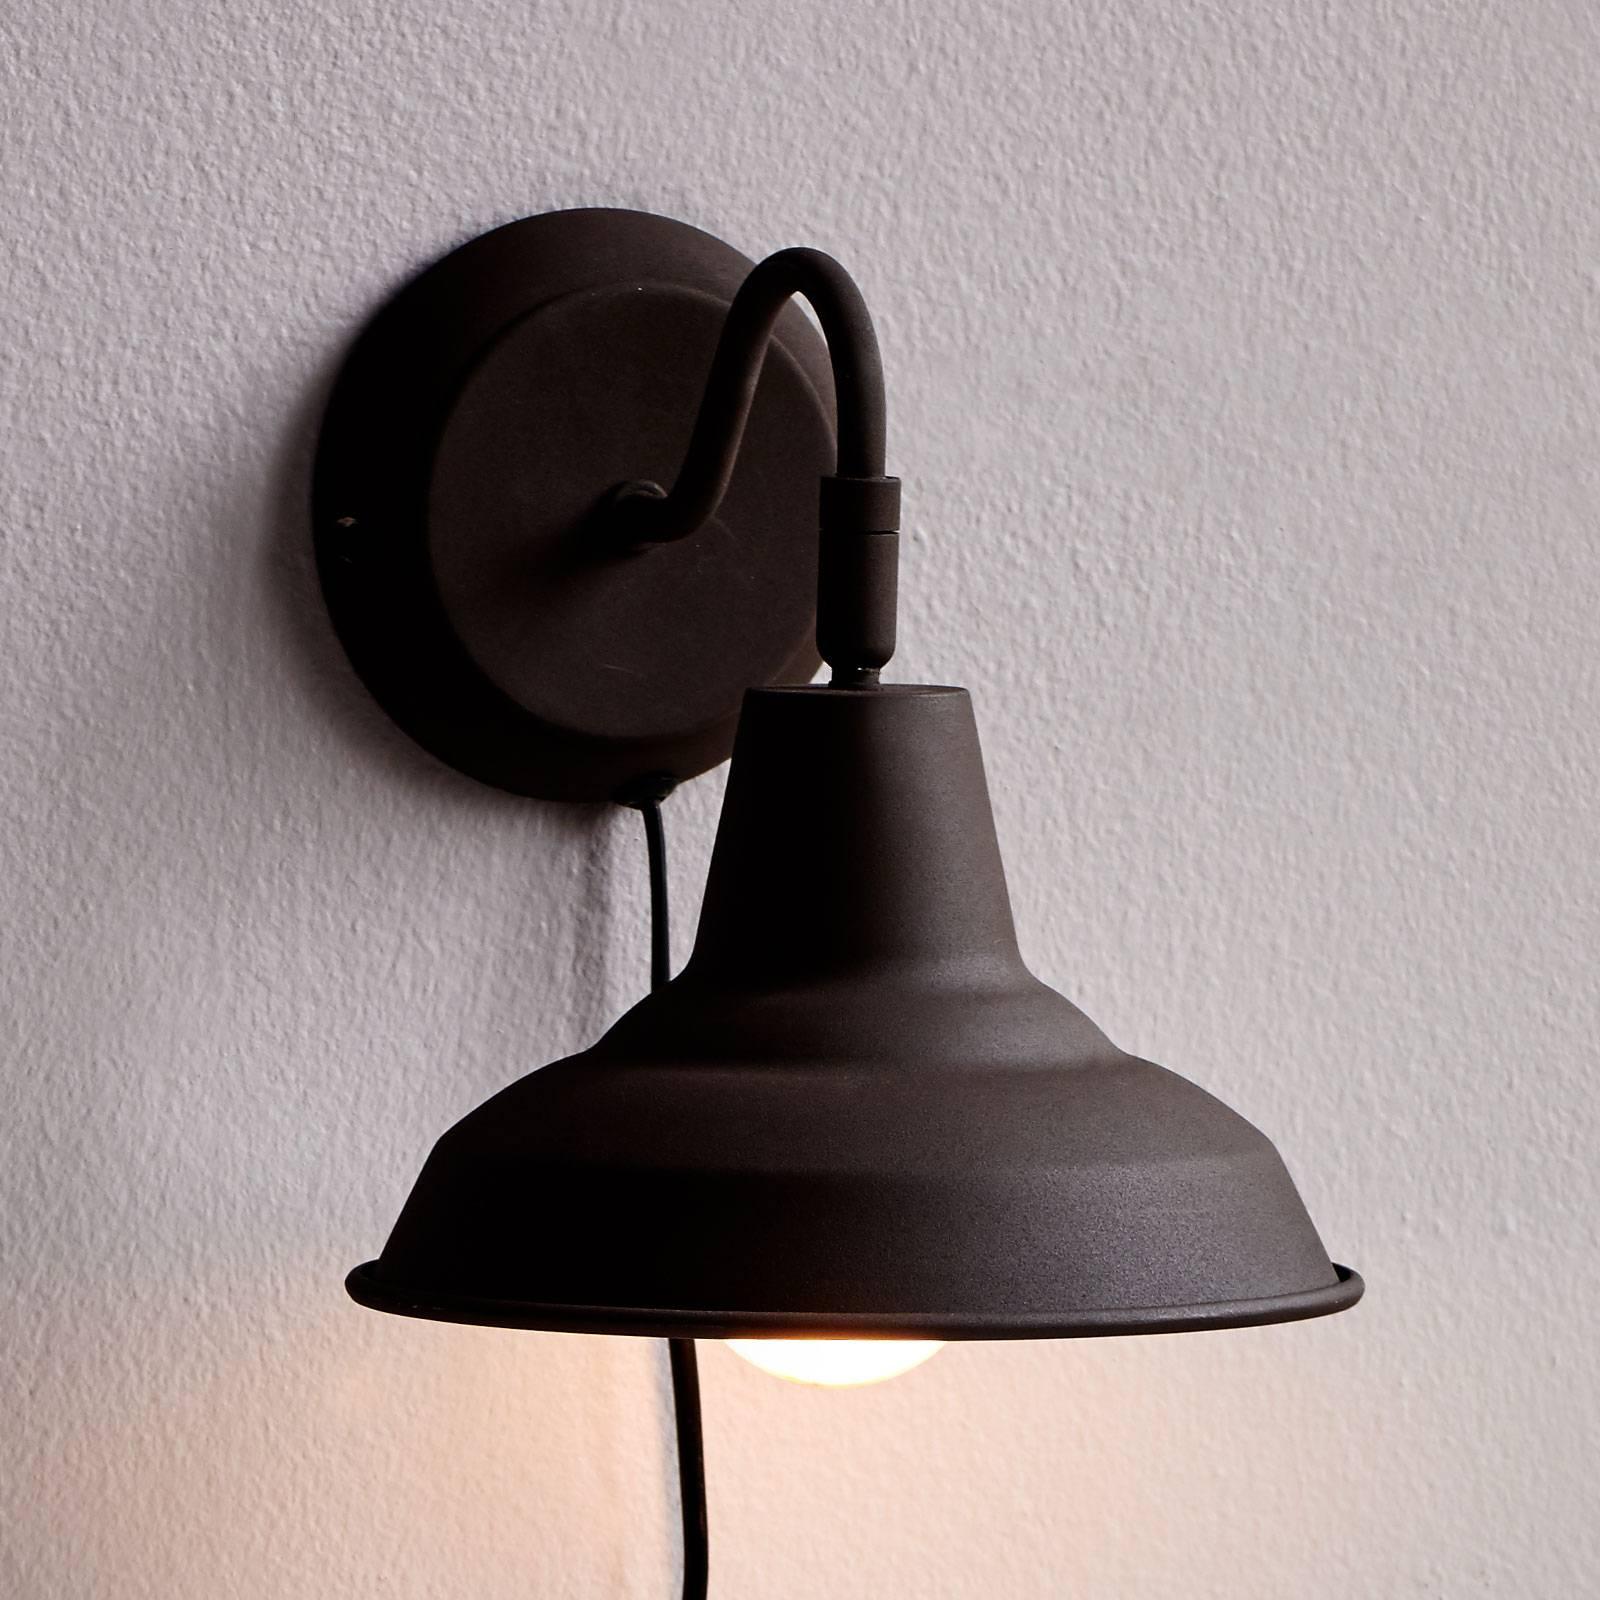 Billede af Andy væglampe i rust med kabel og stik